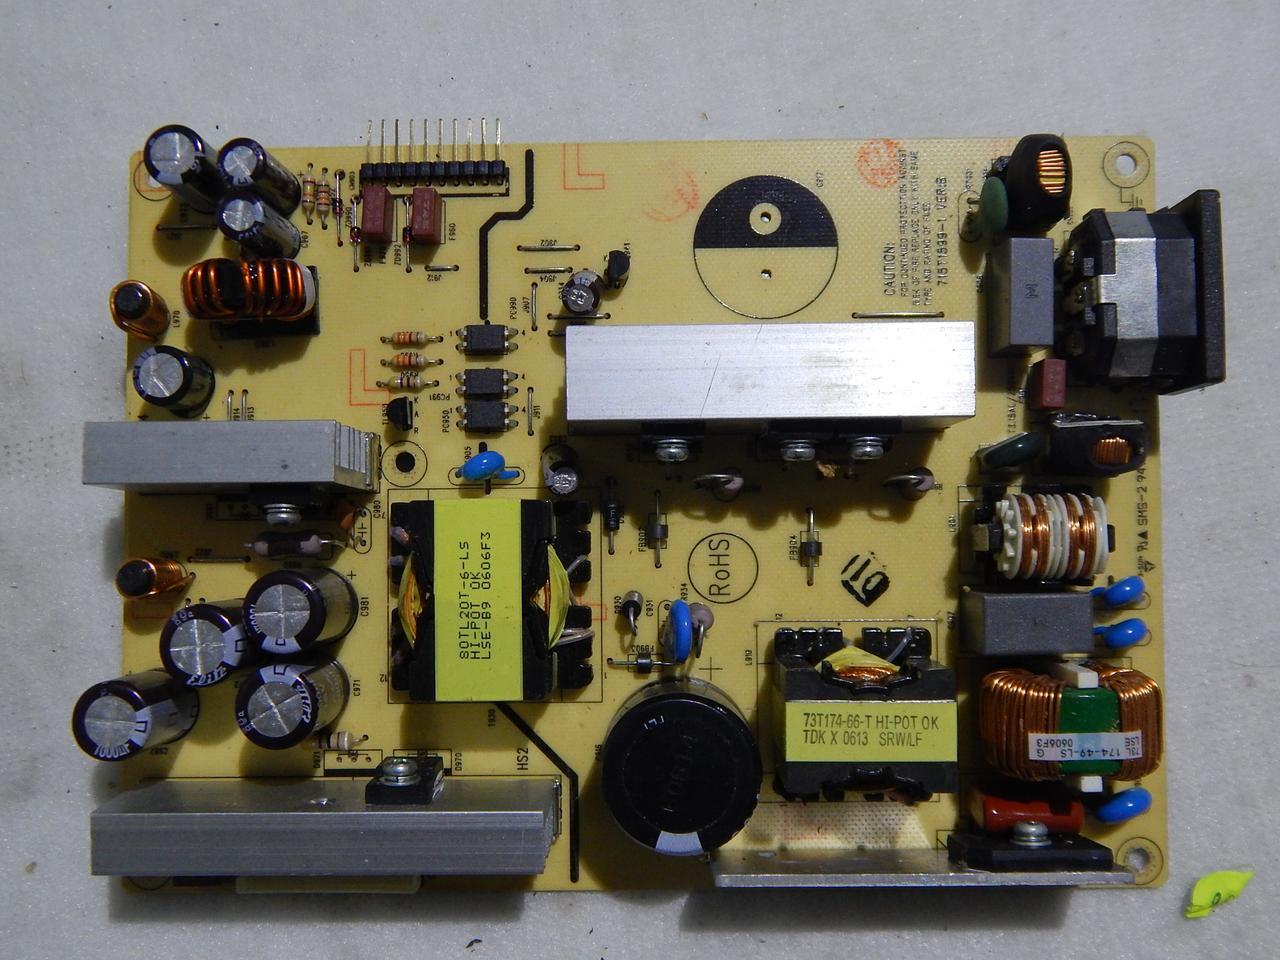 Блок питания 715T-1599-1 к телевизору Thomson 20LW052B5